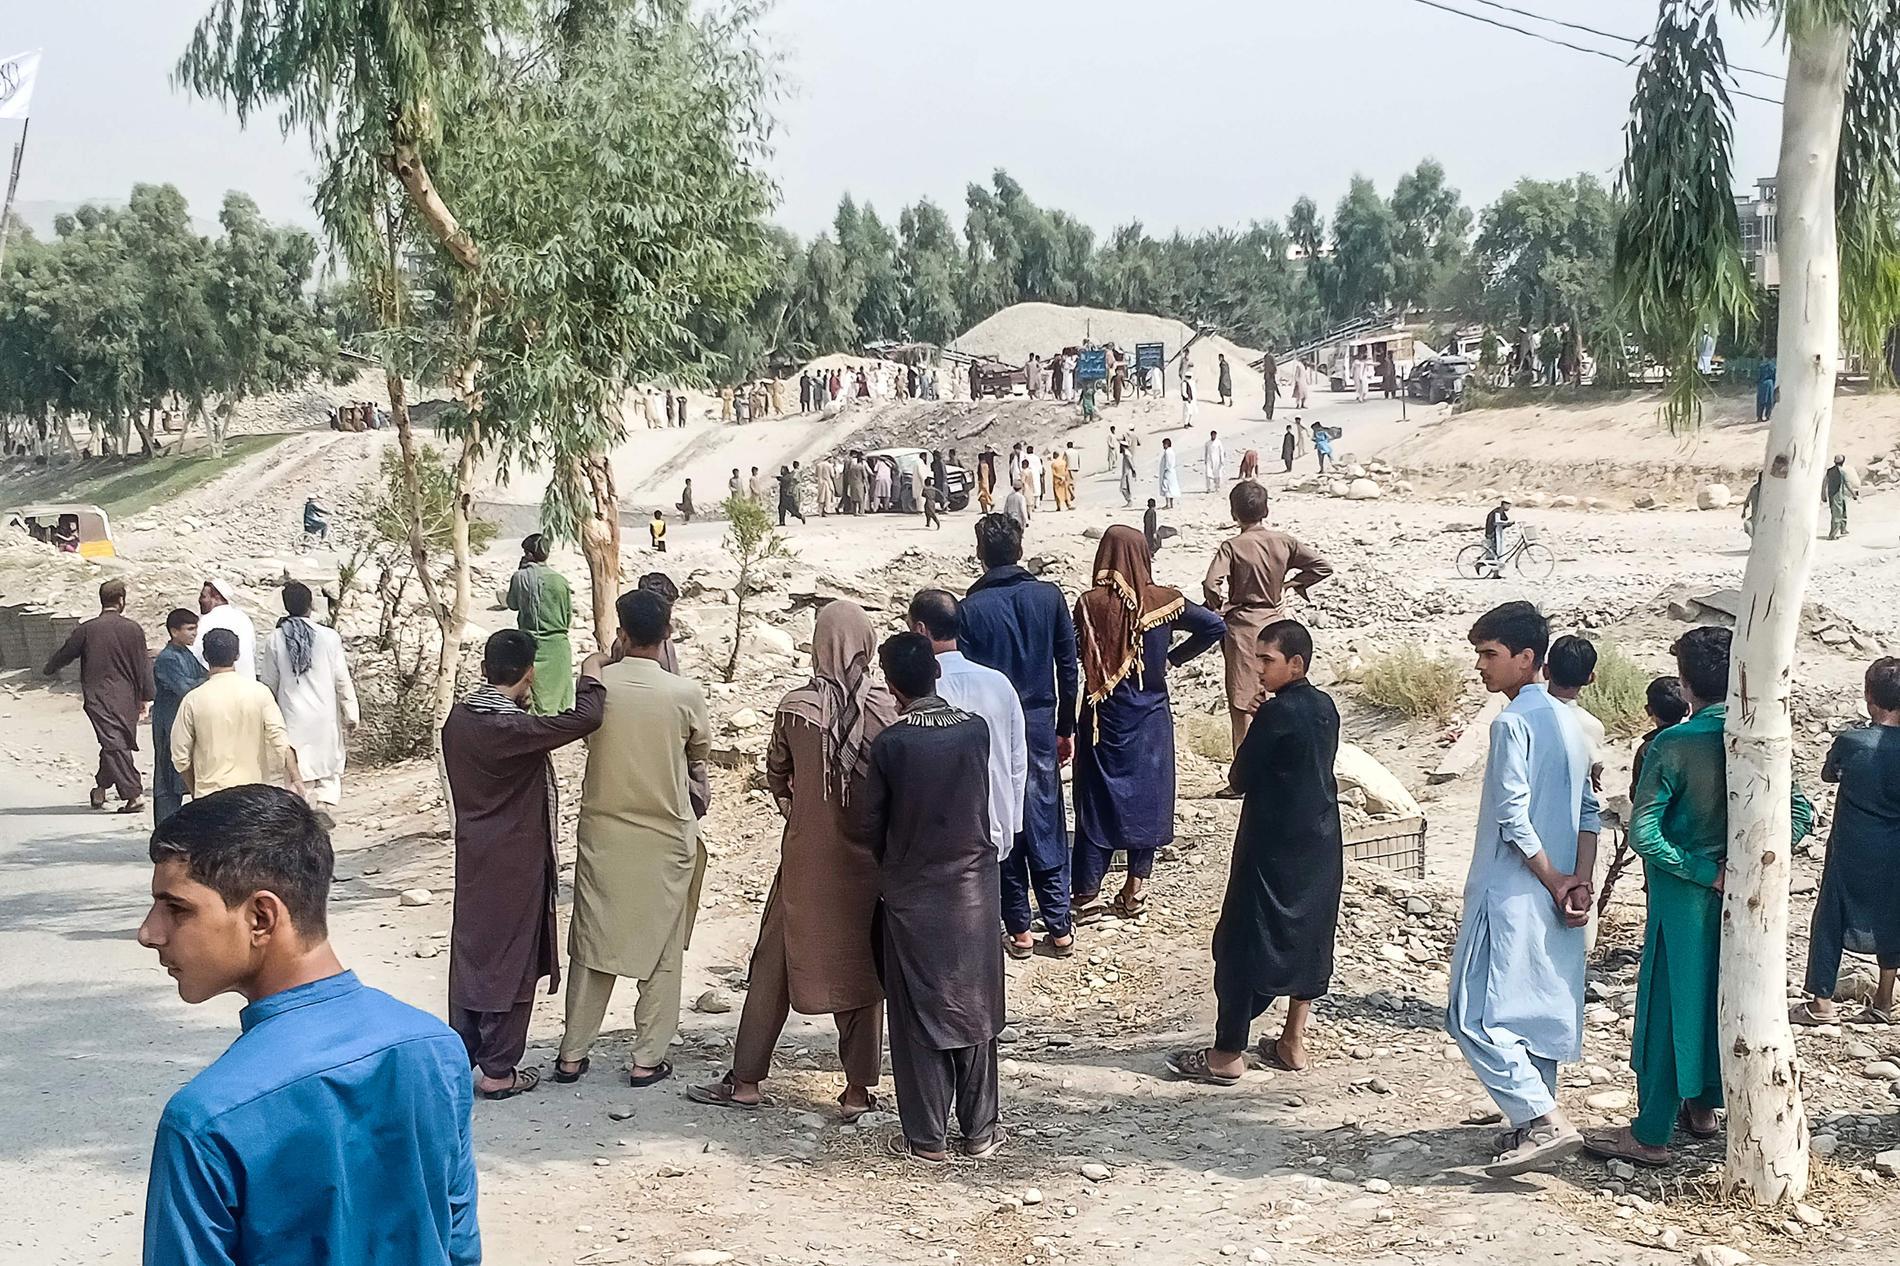 Människor samlas på platsen där bombdådet inträffade under söndagen.